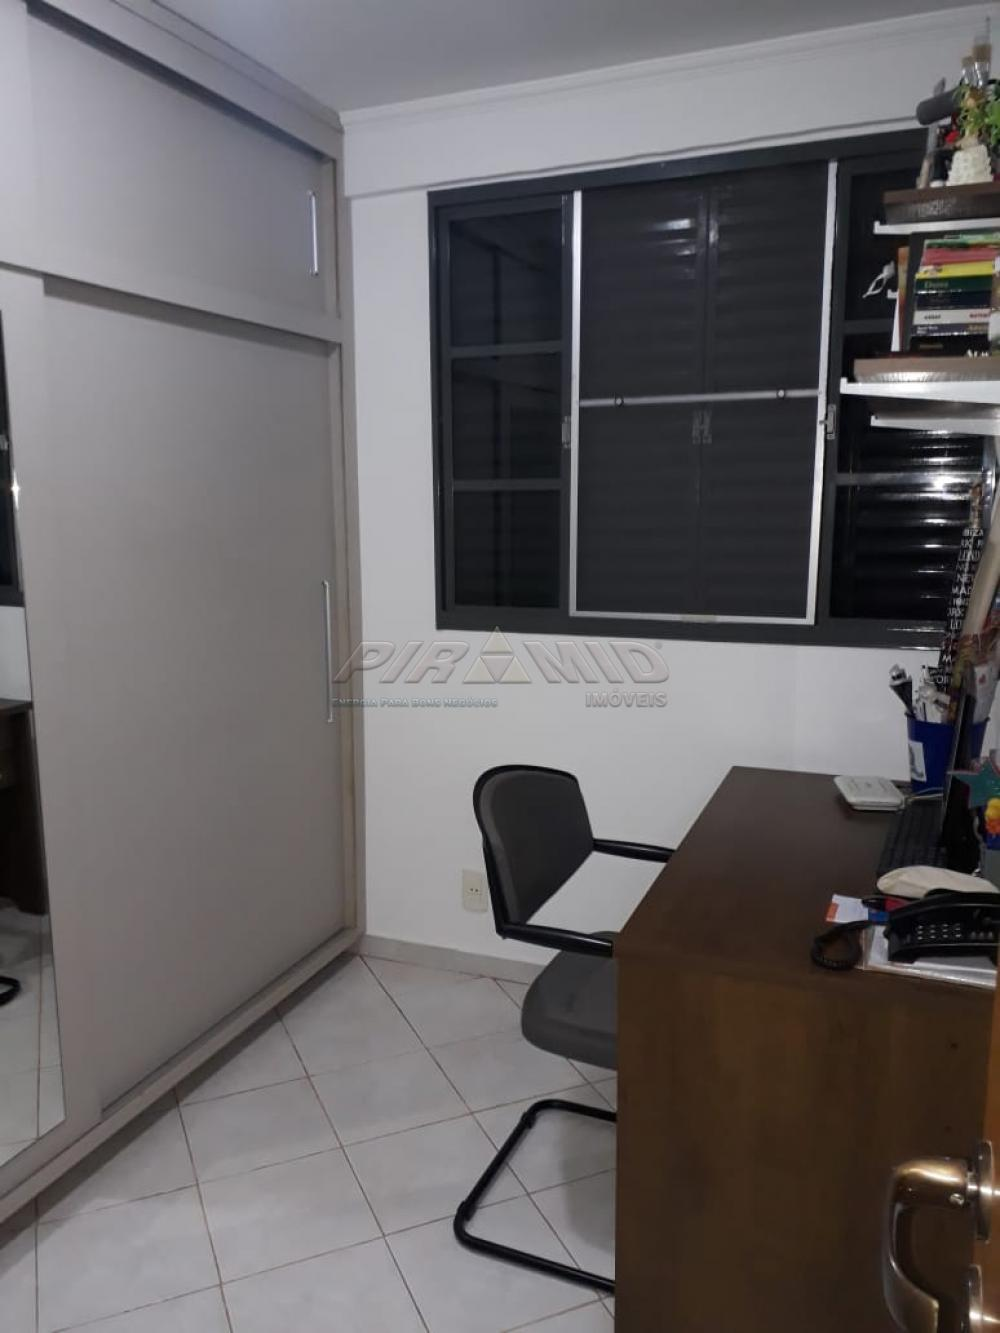 Comprar Apartamento / Padrão em Ribeirão Preto apenas R$ 147.000,00 - Foto 6